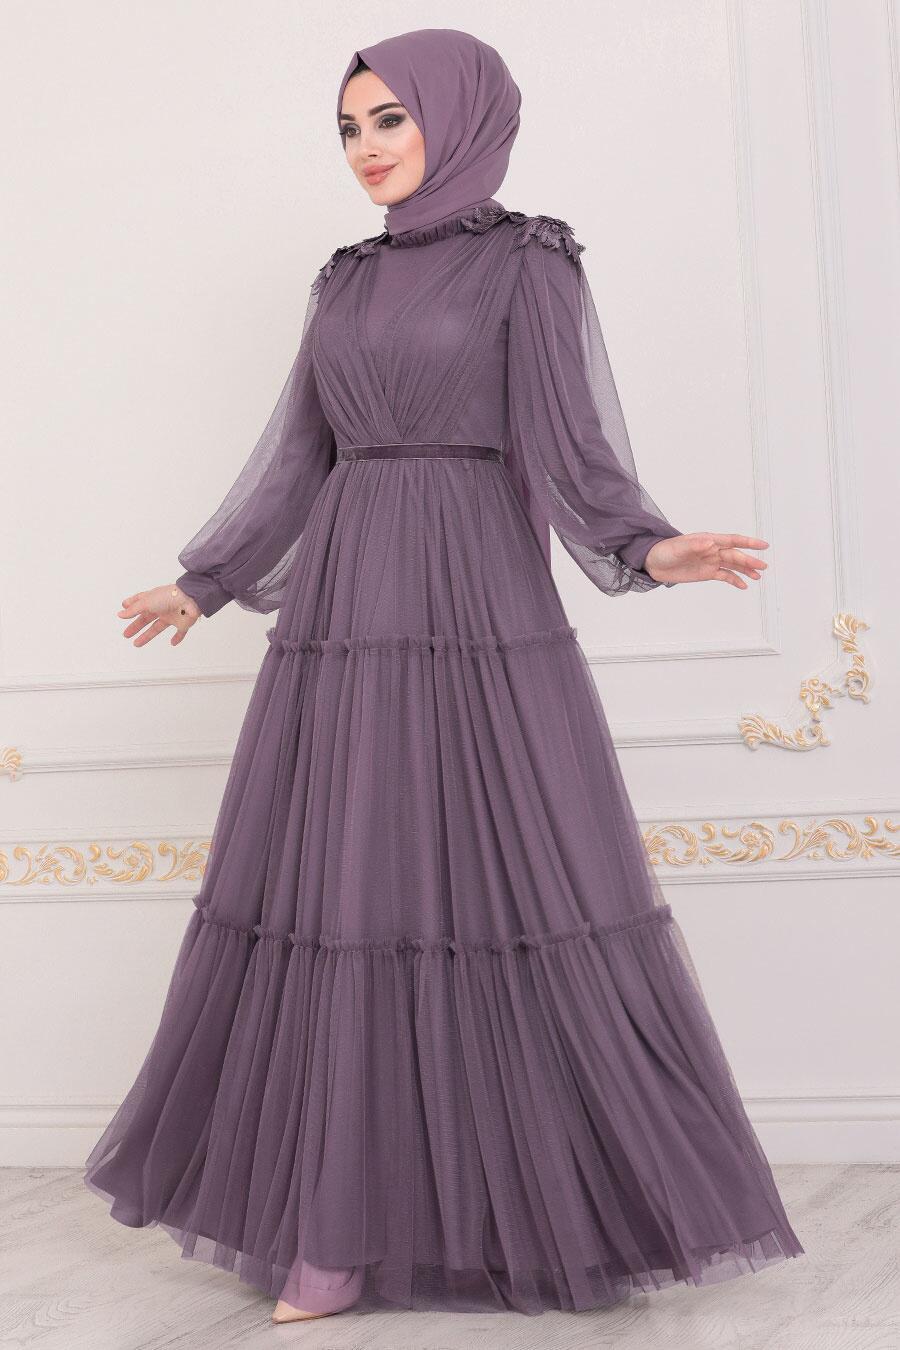 Tesettürlü Abiye Elbise - Omuzları Detaylı Koyu Lila Tesettür Abiye Elbise 4072KLILA